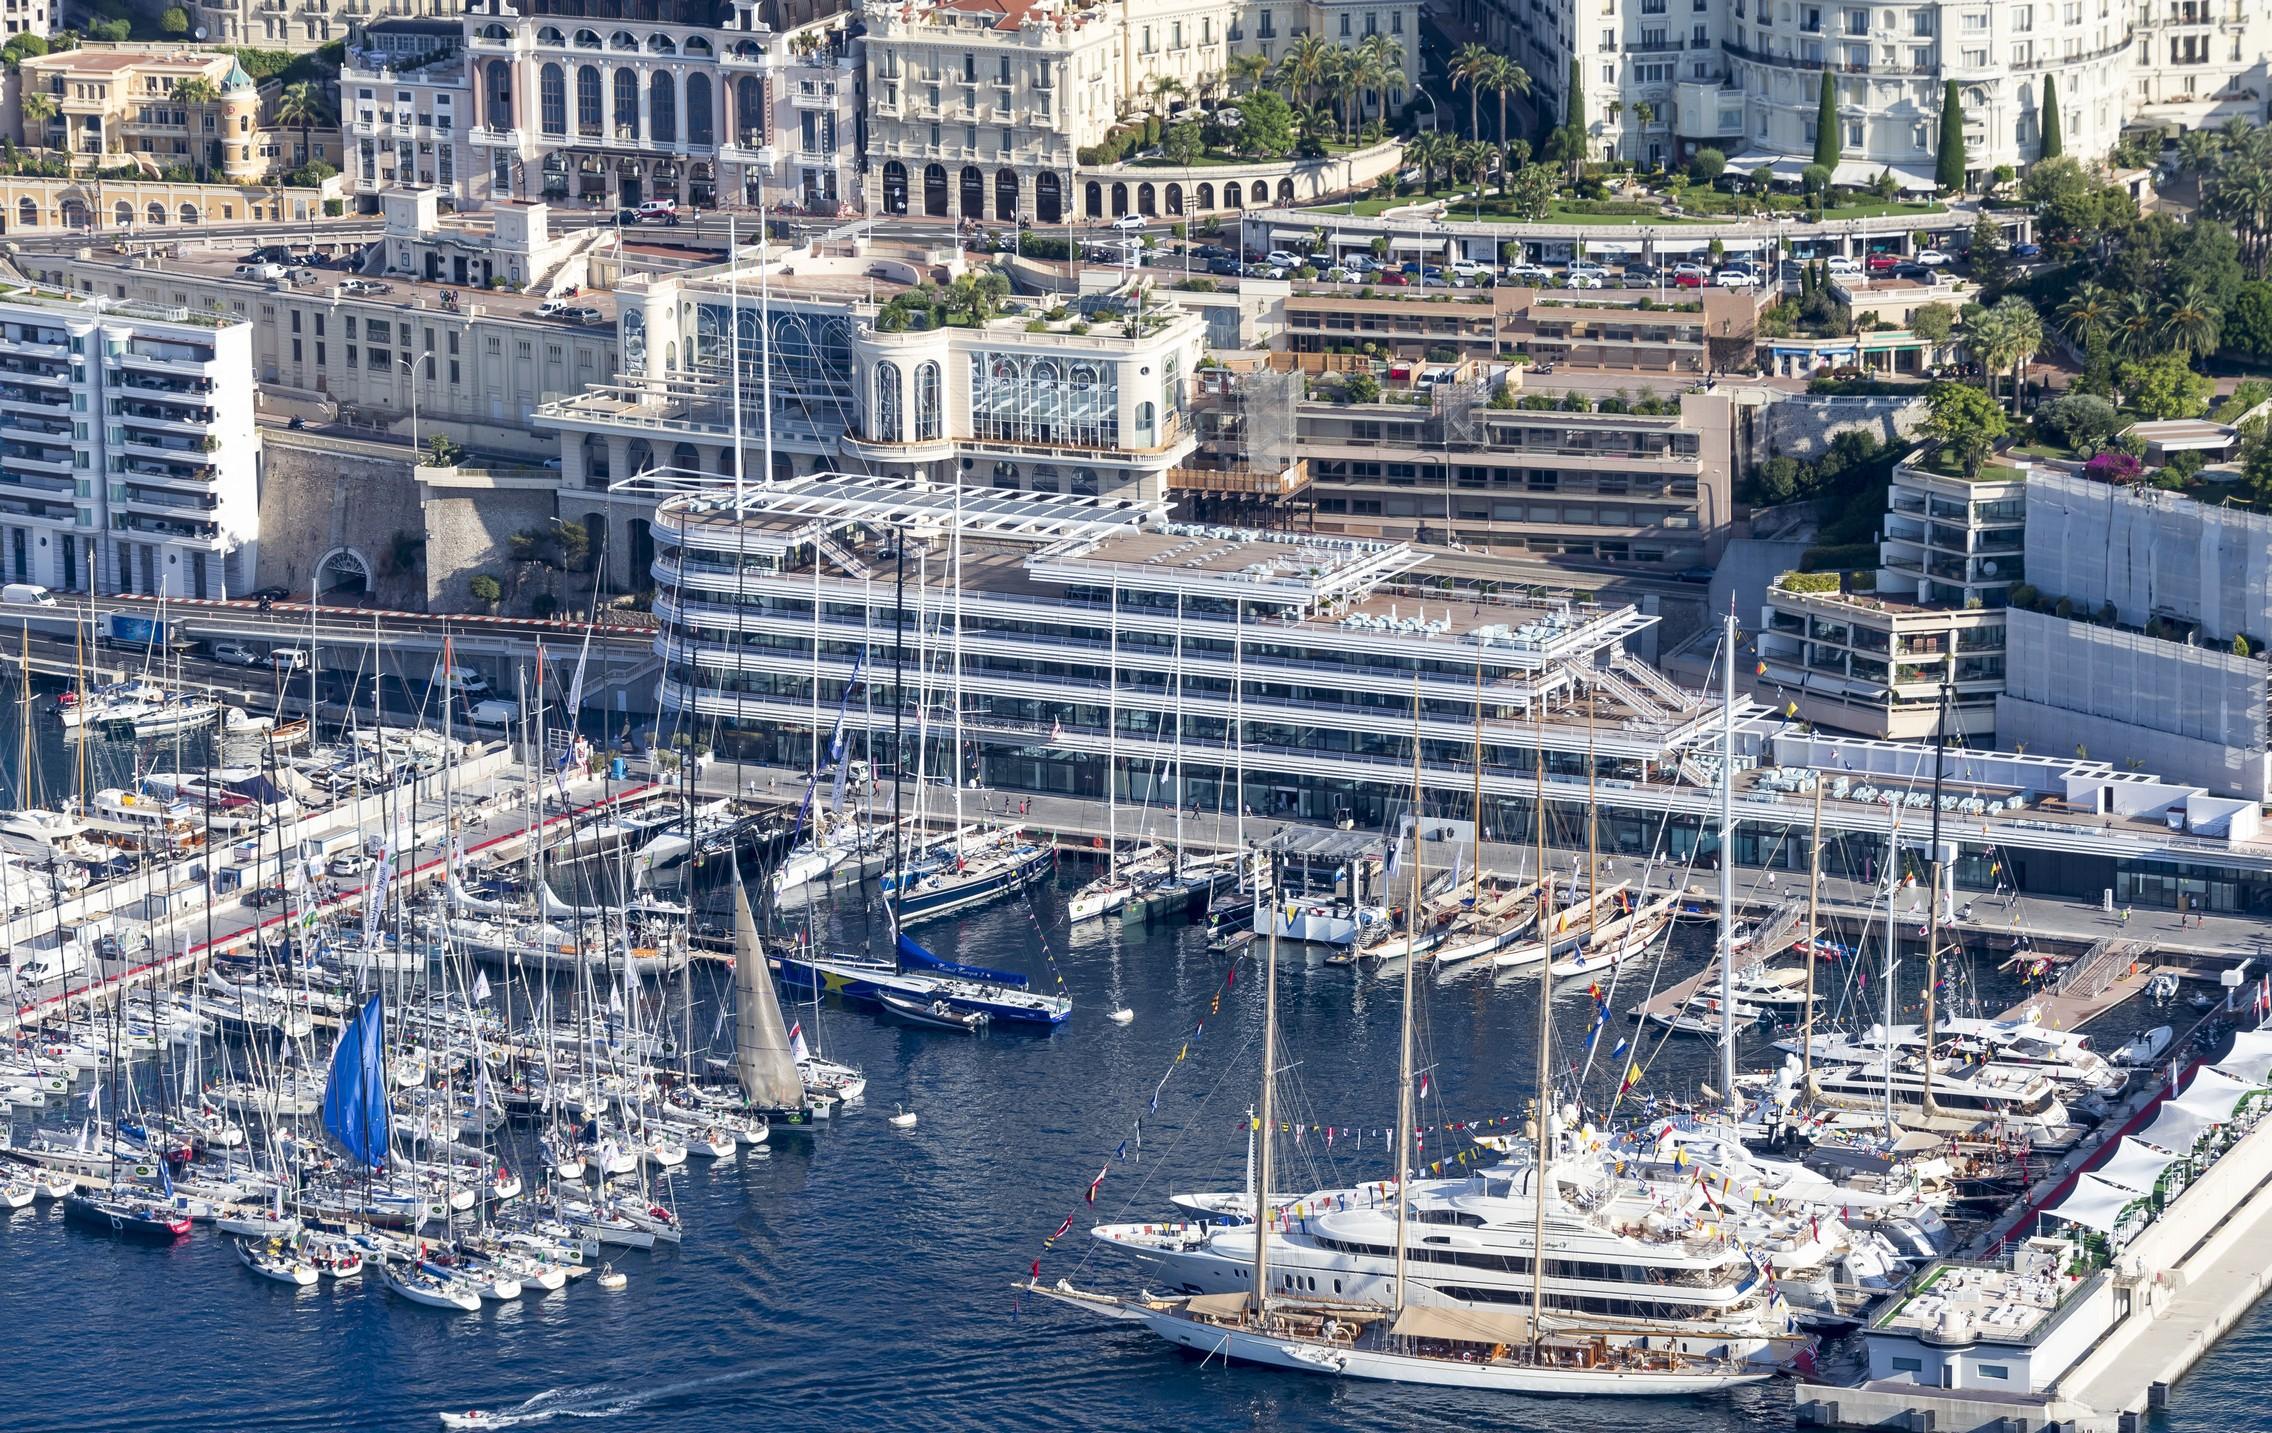 Monaco Computer Backgrounds